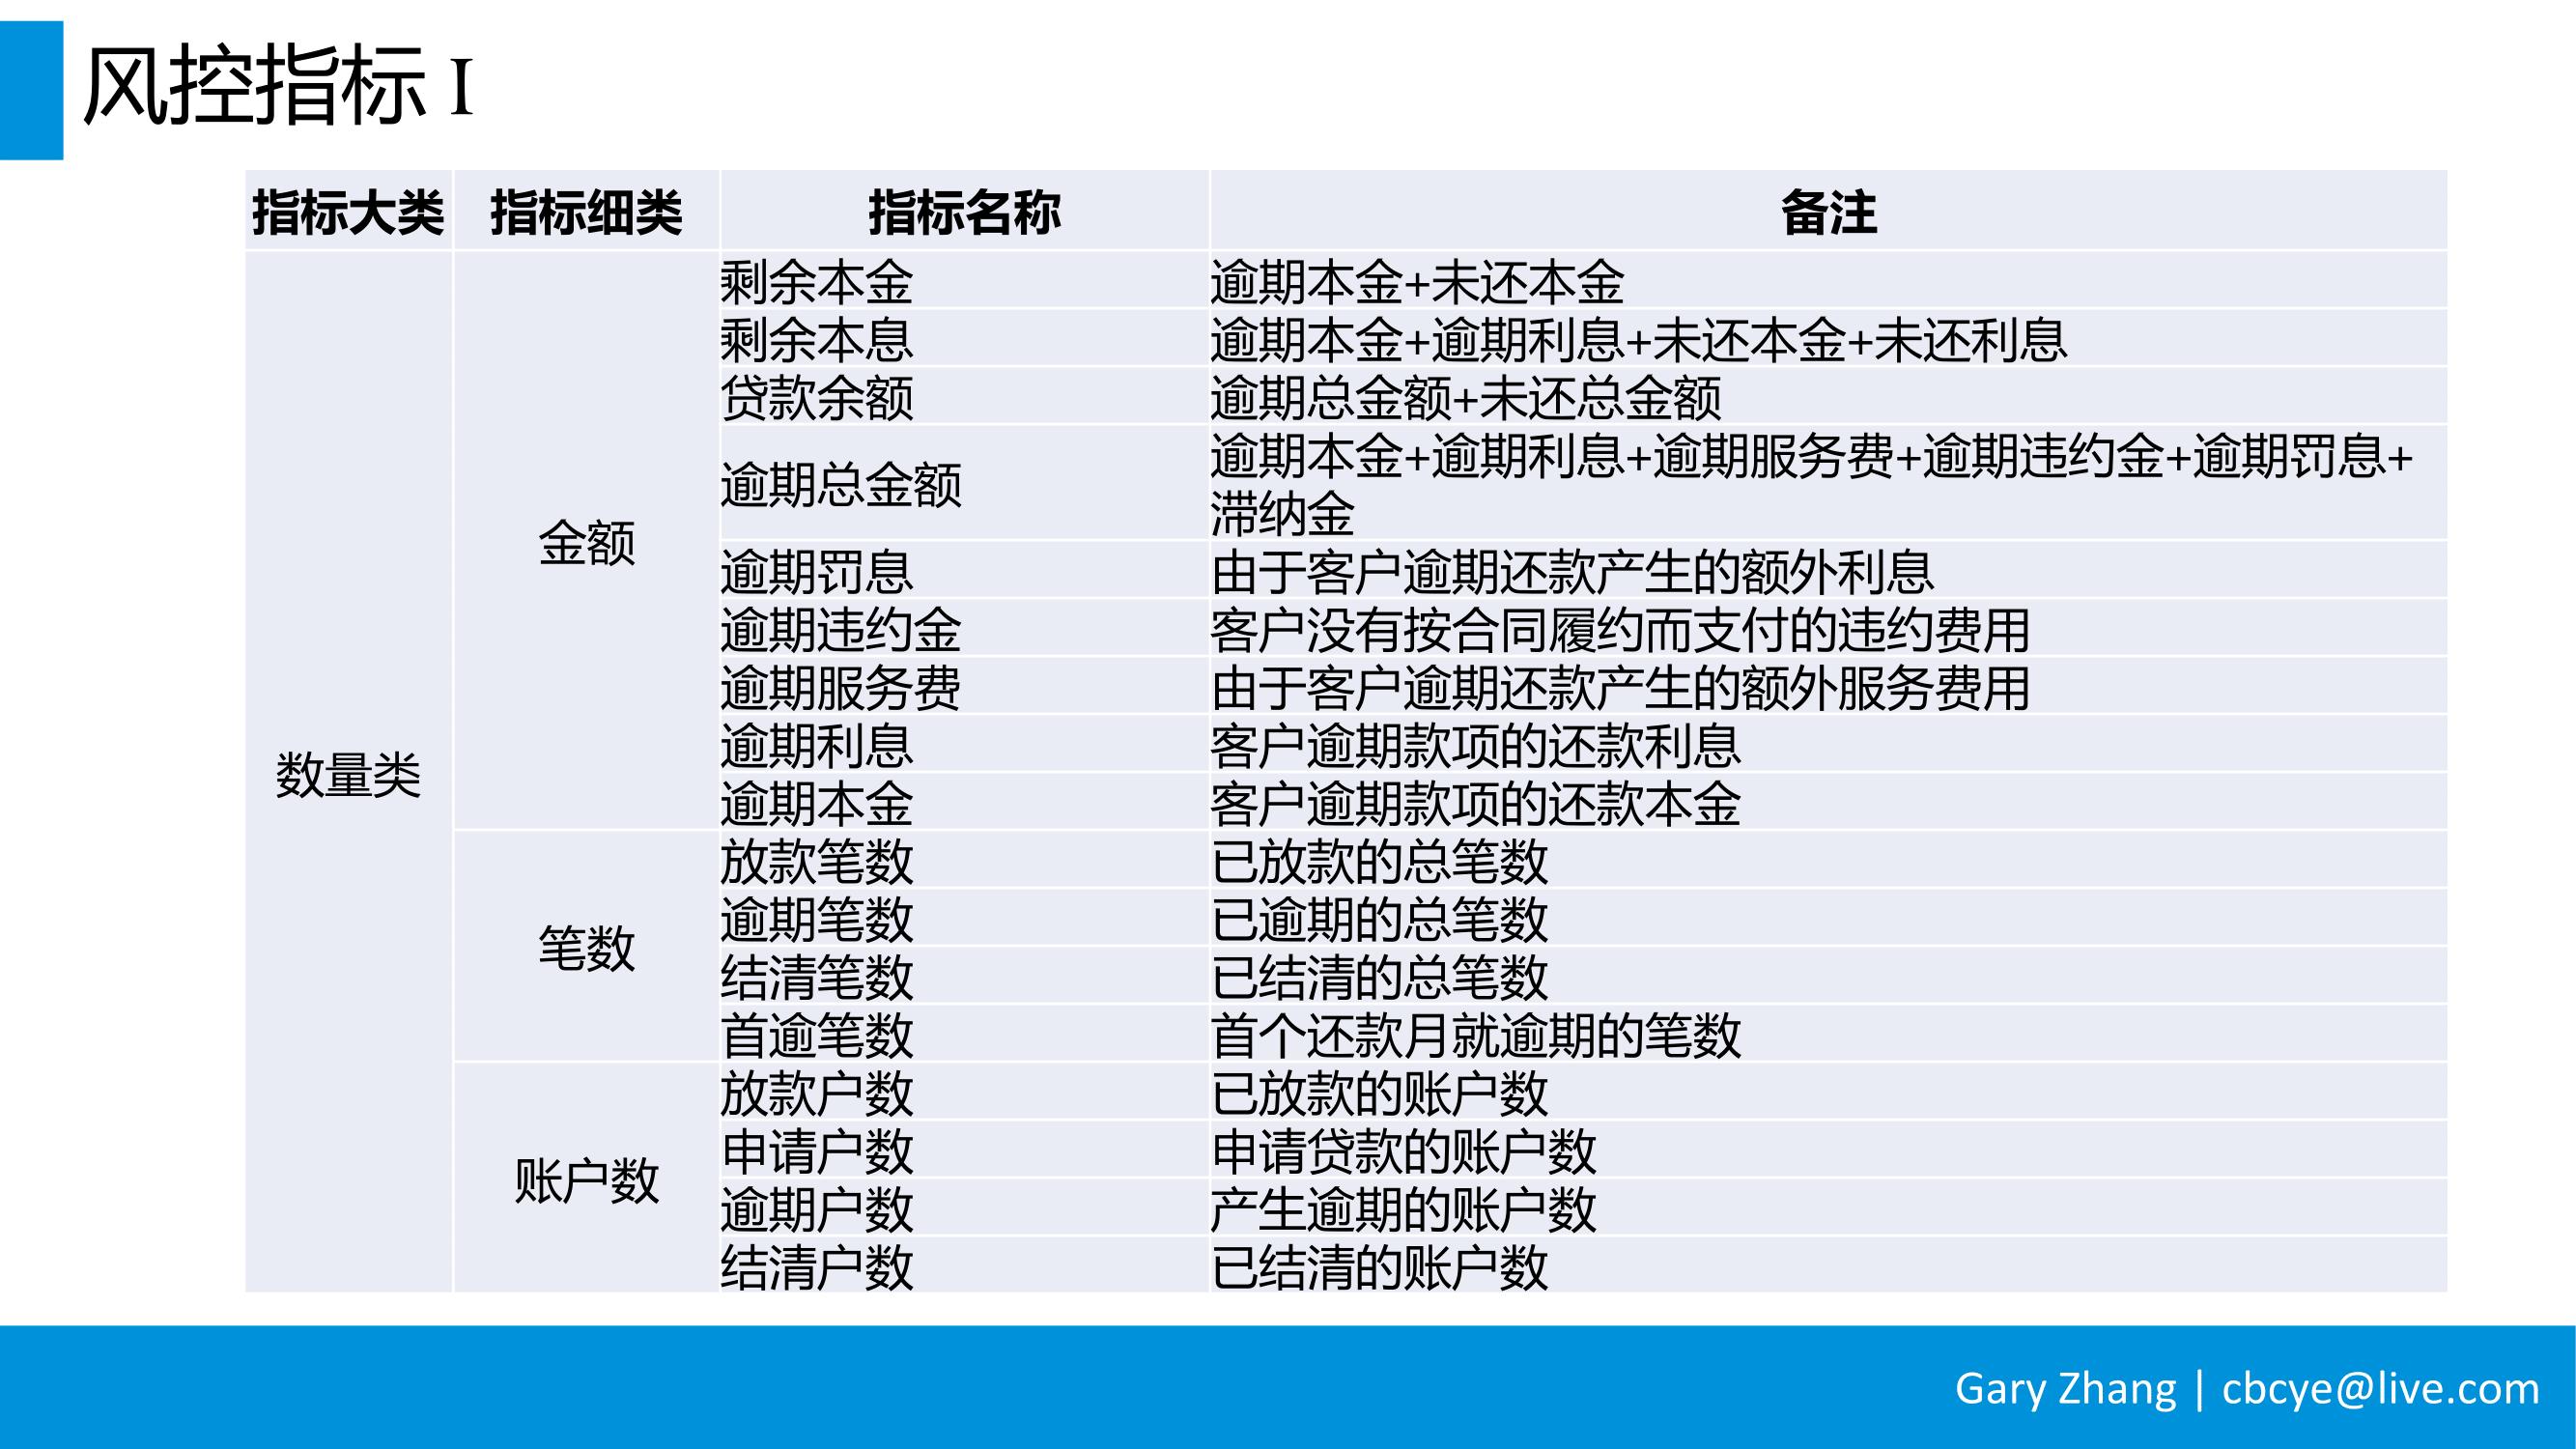 消费金融业务全流程指南_v1.0-081